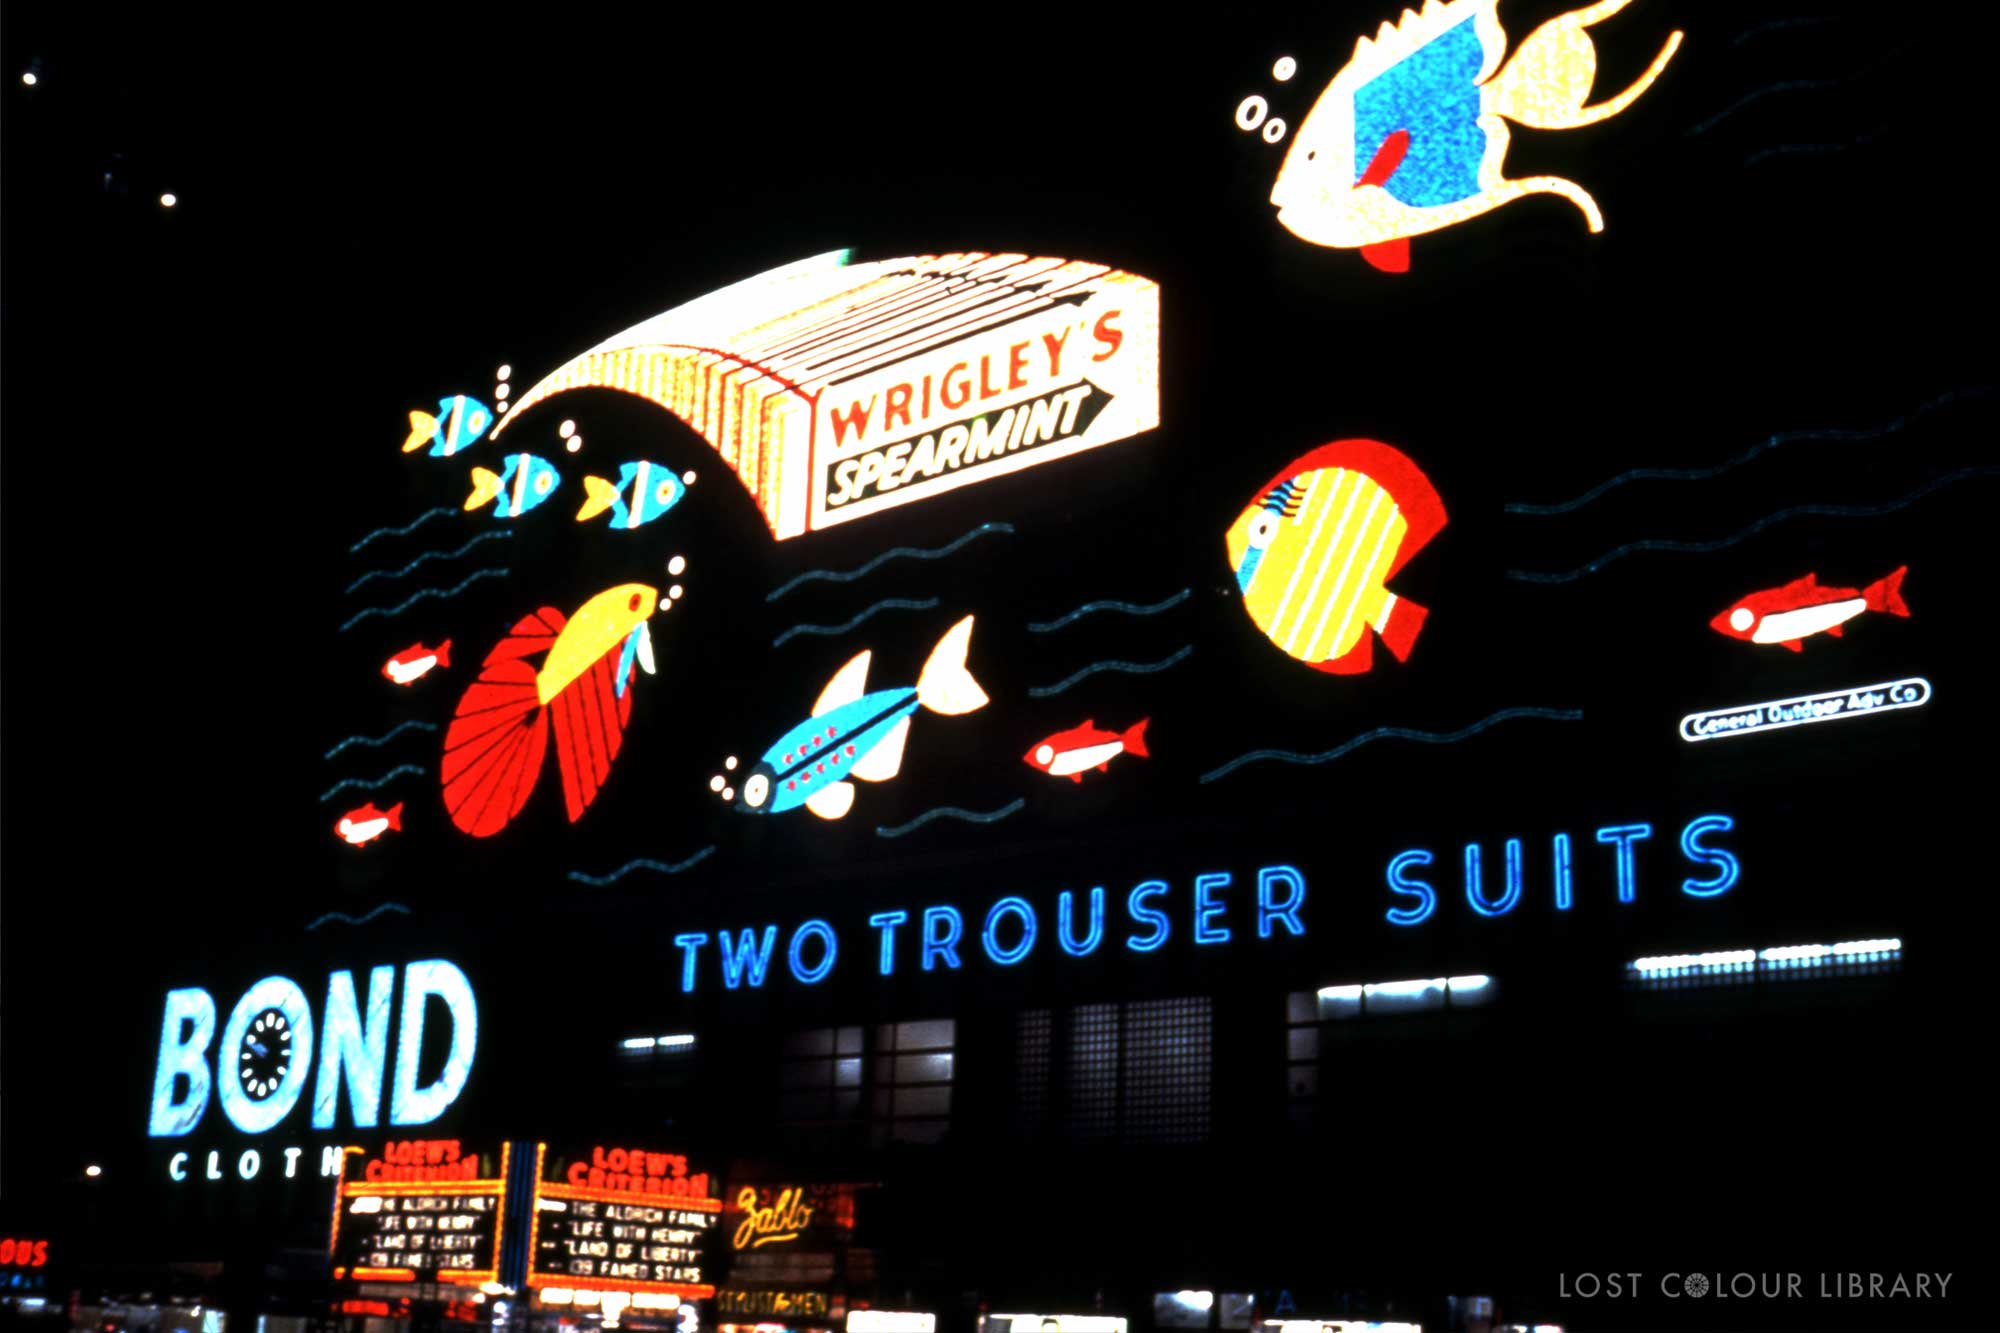 lcl-ww-bond-store-night-site-wm.jpg